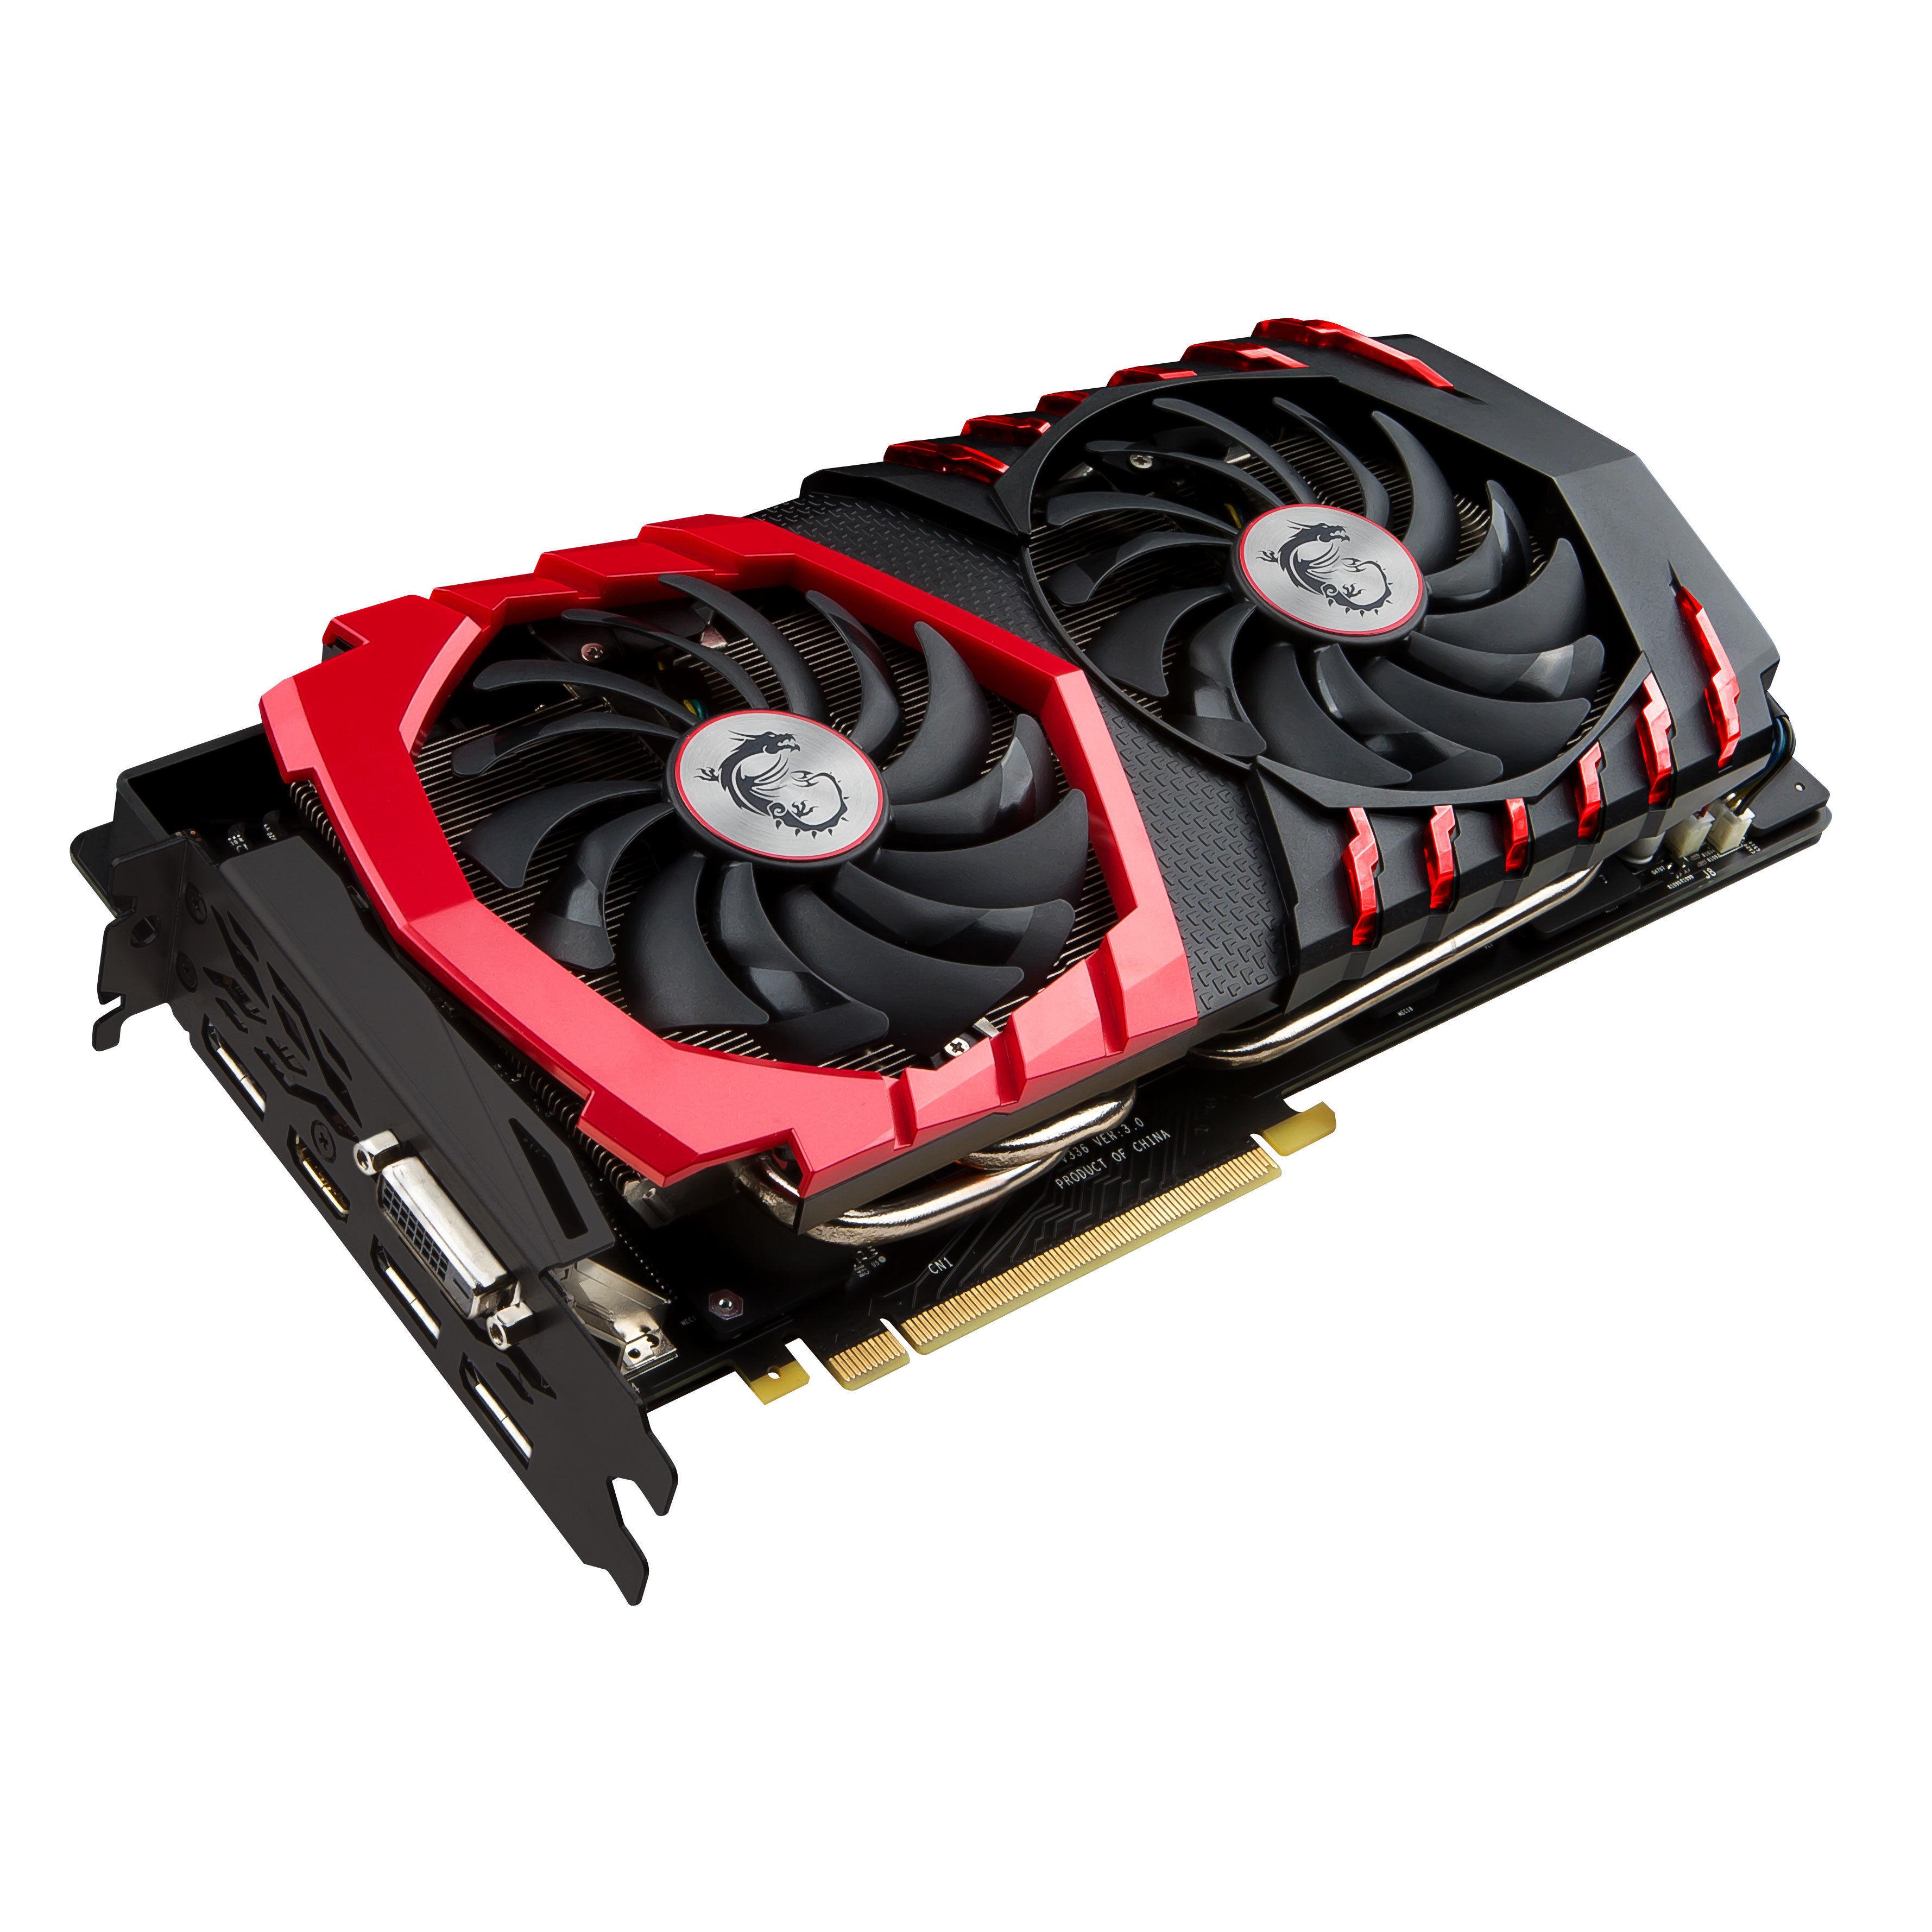 GeForce GTX 1080 GAMING X 8Go DDR5X